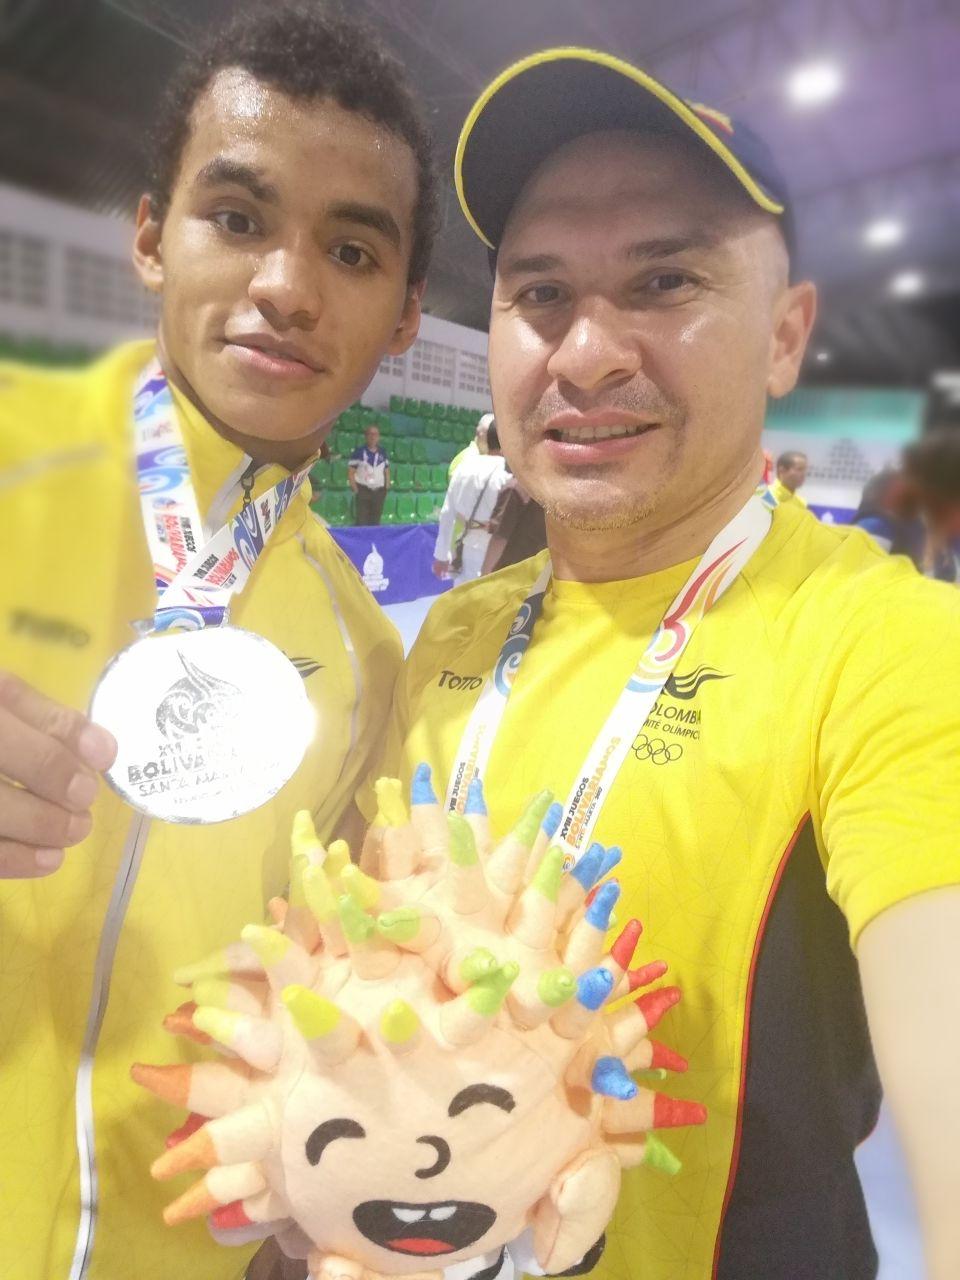 #EnAudio Medalla de plata para Casanare en los Juegos Bolivarianos. Habla Jeferson Ochoa